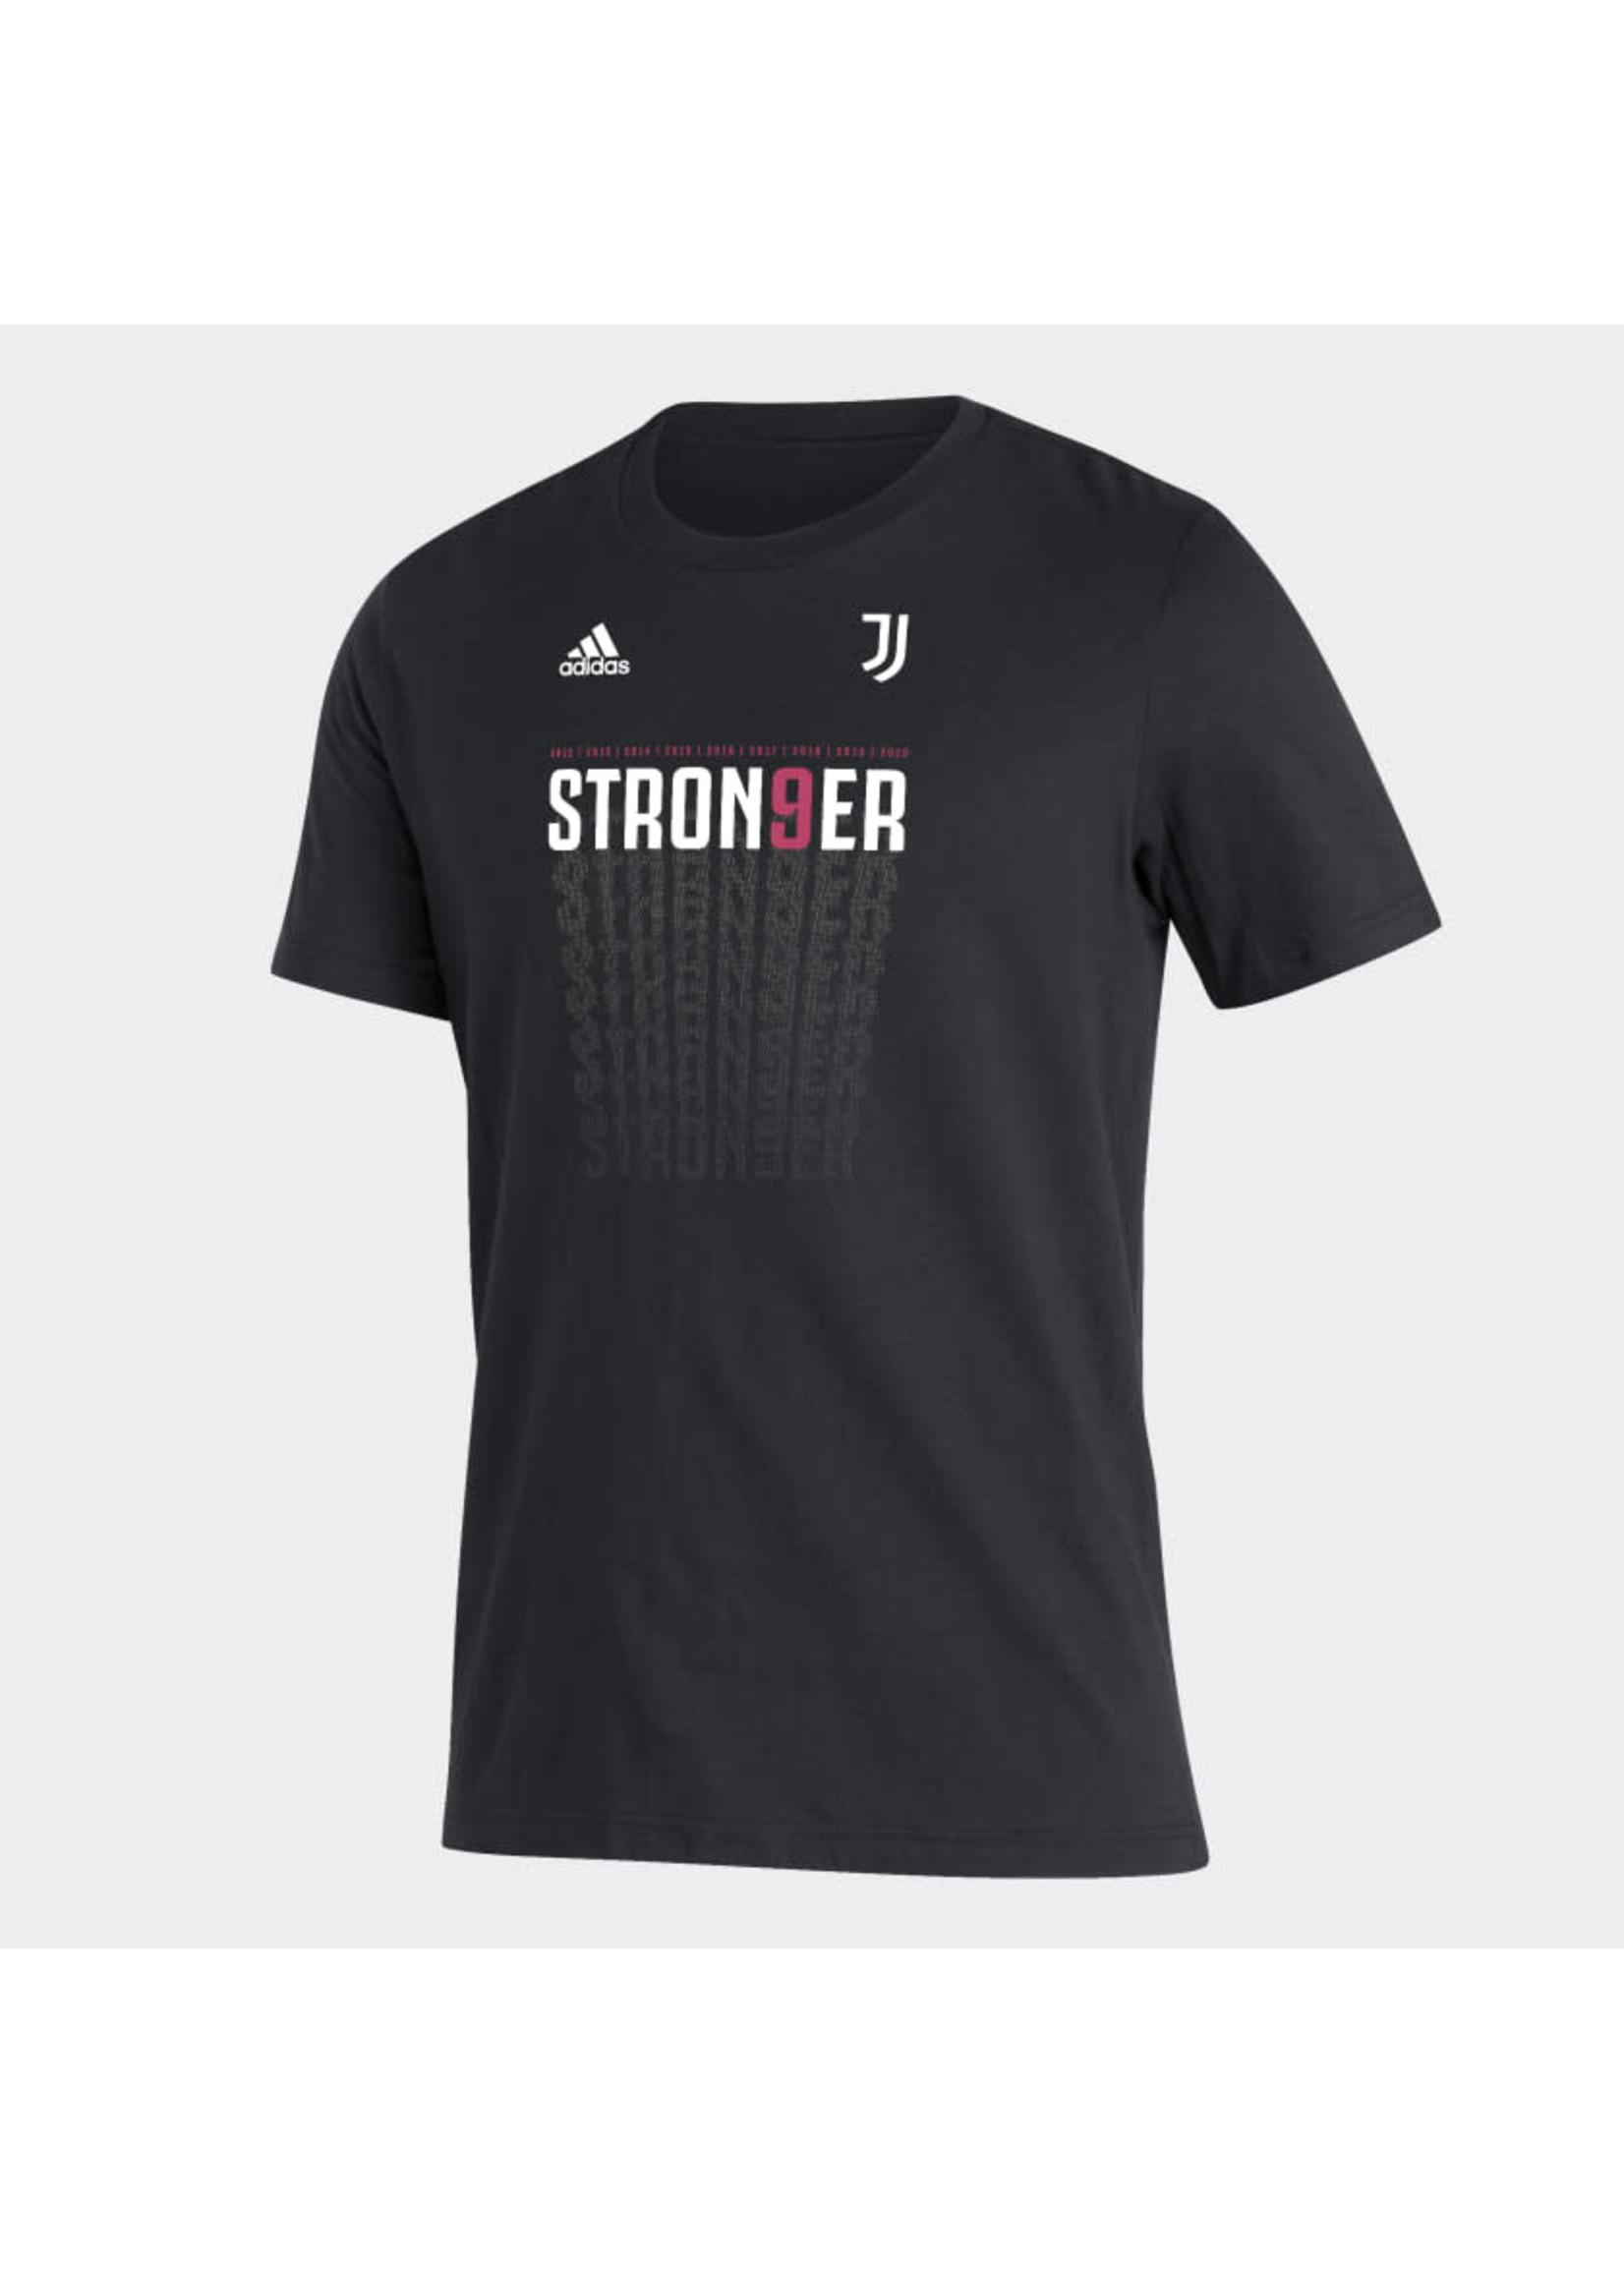 Adidas Juventus T-Shirt - 9 Time Champions